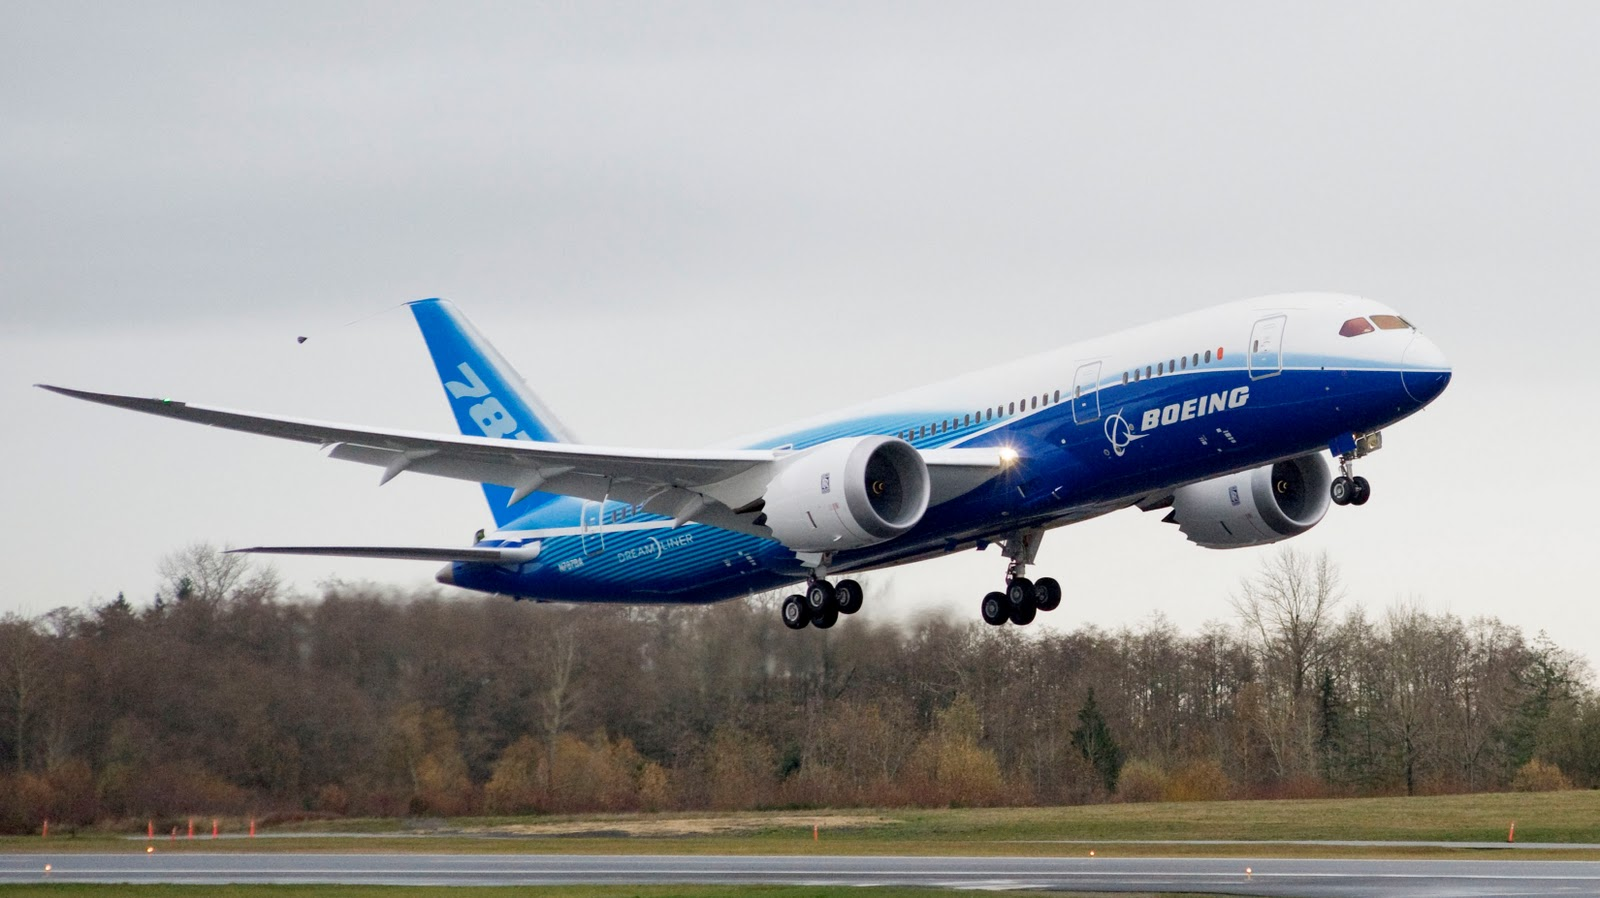 college essays essay boeing 787 boeing 787 dreamliner product development analysis essay